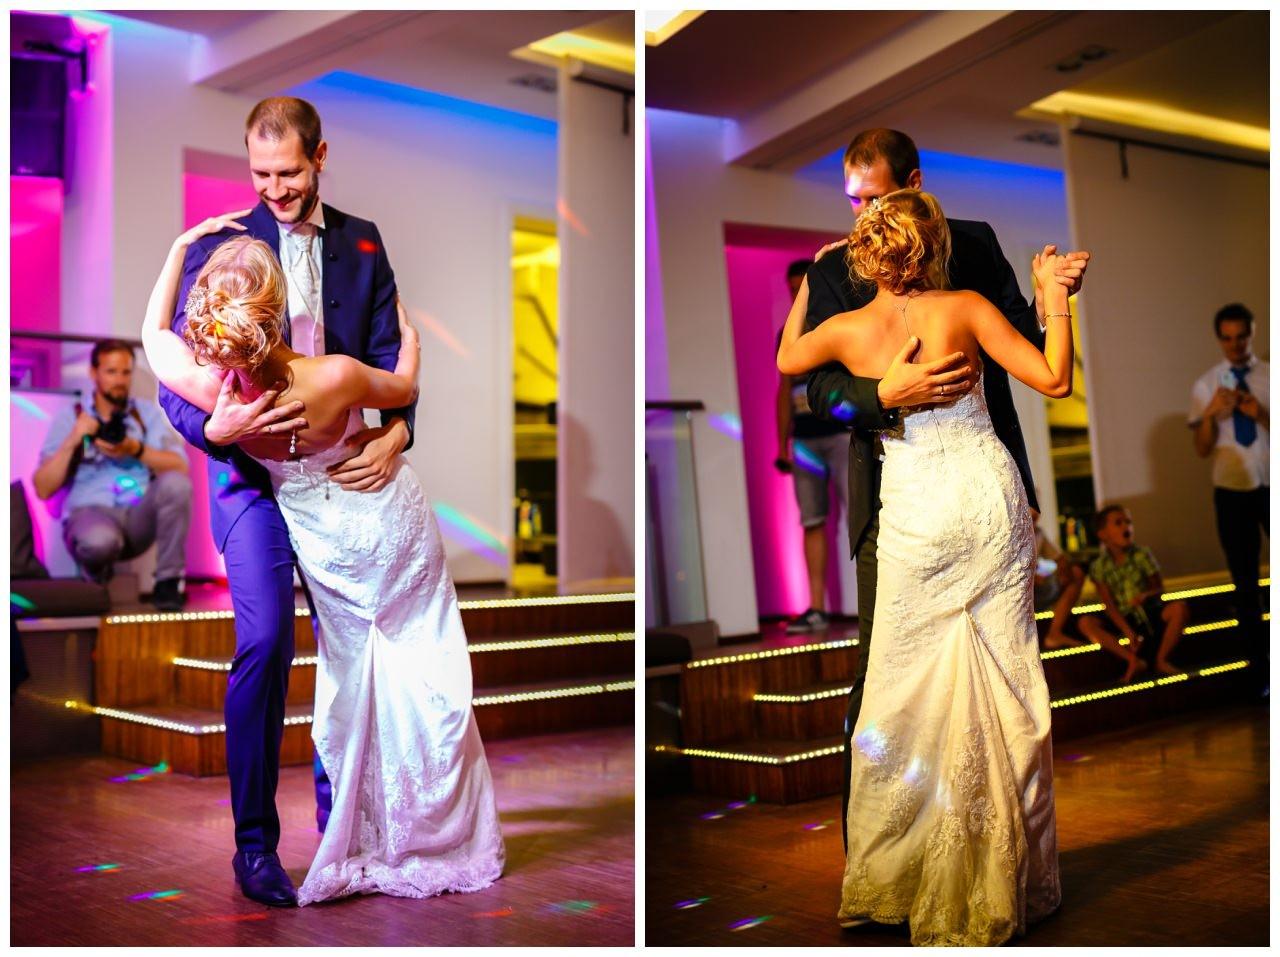 Hochzeitstanz bei der Hochzeit im Seepavillon Fühlinger See in Köln, das Brautpaar ist eng umschlungen.